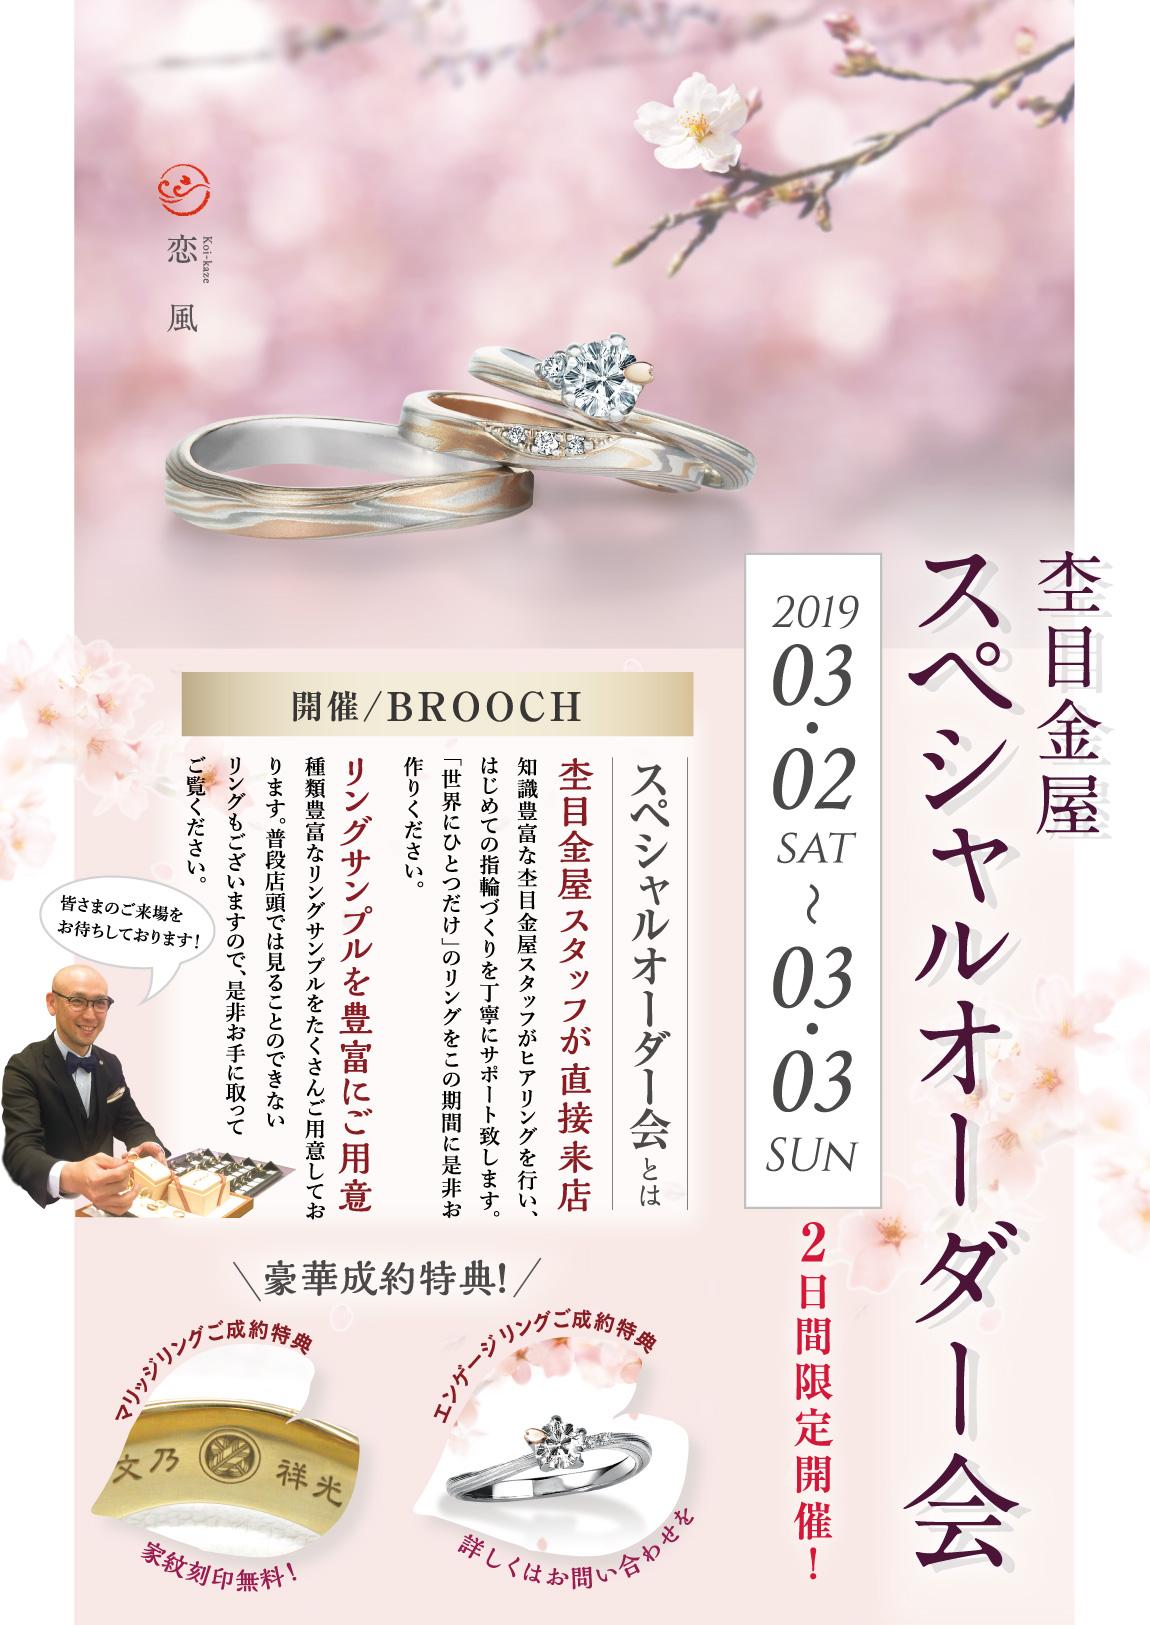 杢目金屋 スペシャルオーダー会 2019年3月2日・3日